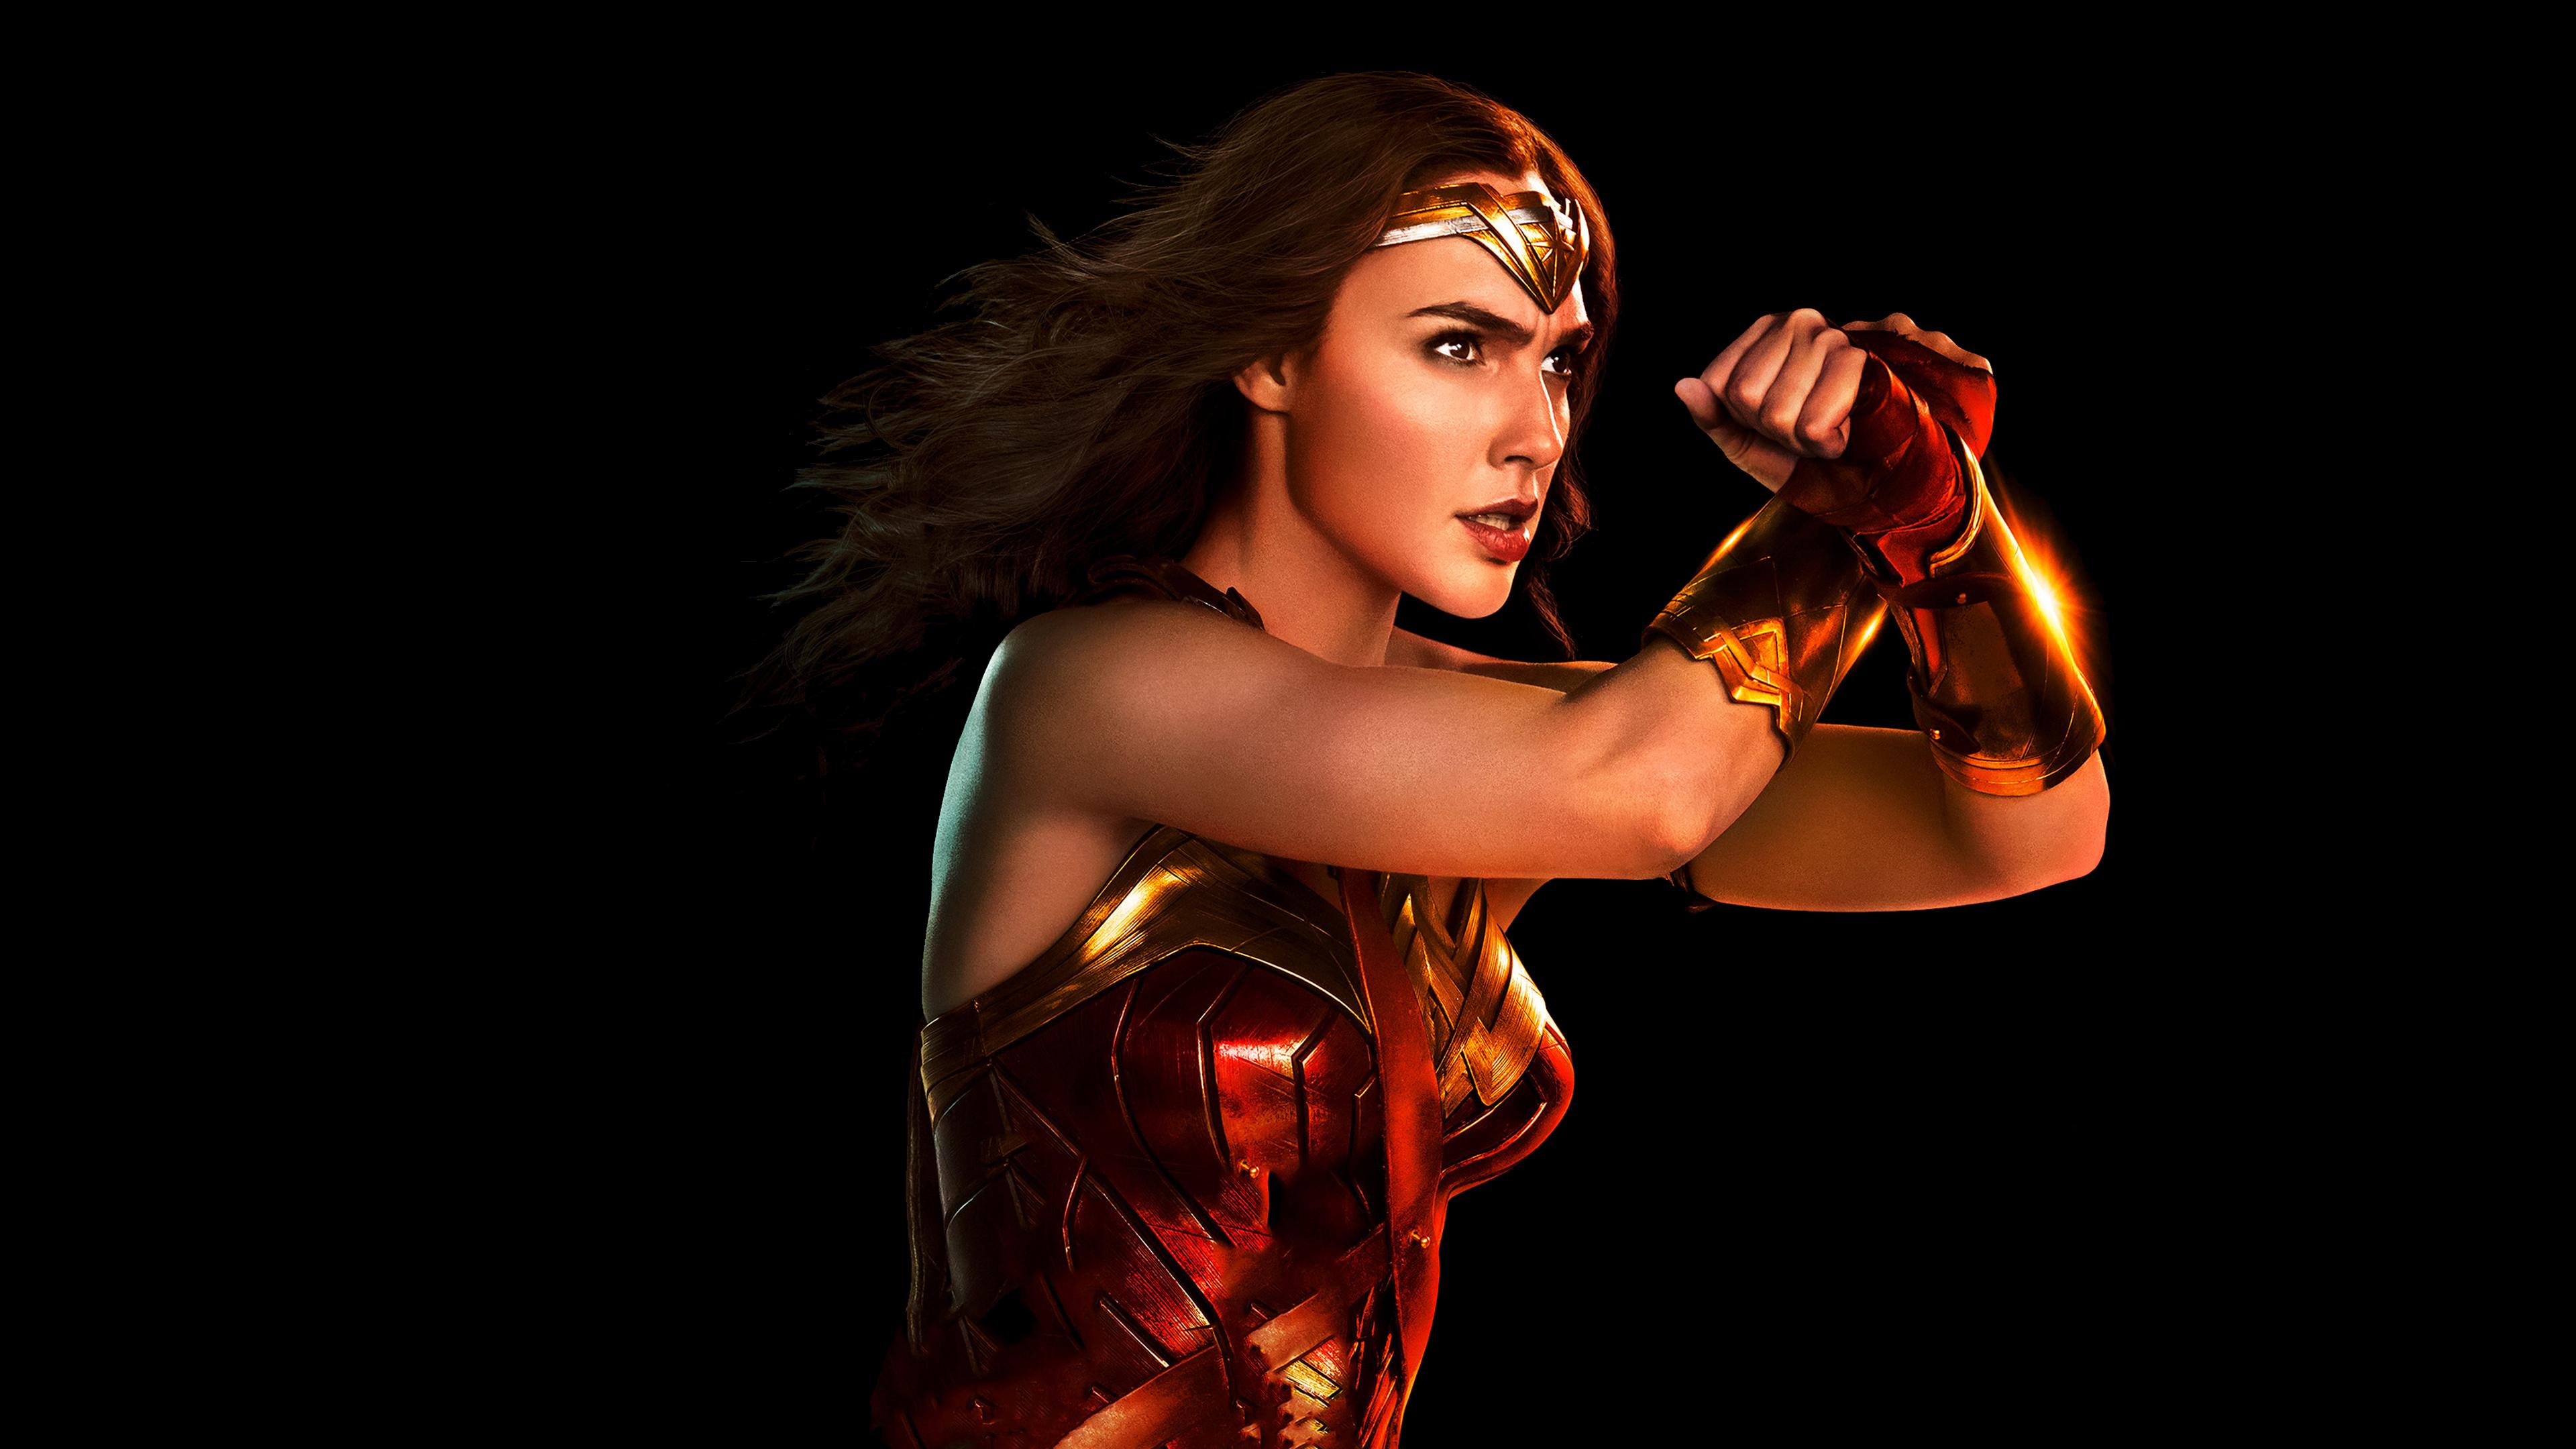 3840x2160 wallpaper Wonder woman, portrait, justice league, 2017 movie, 4k